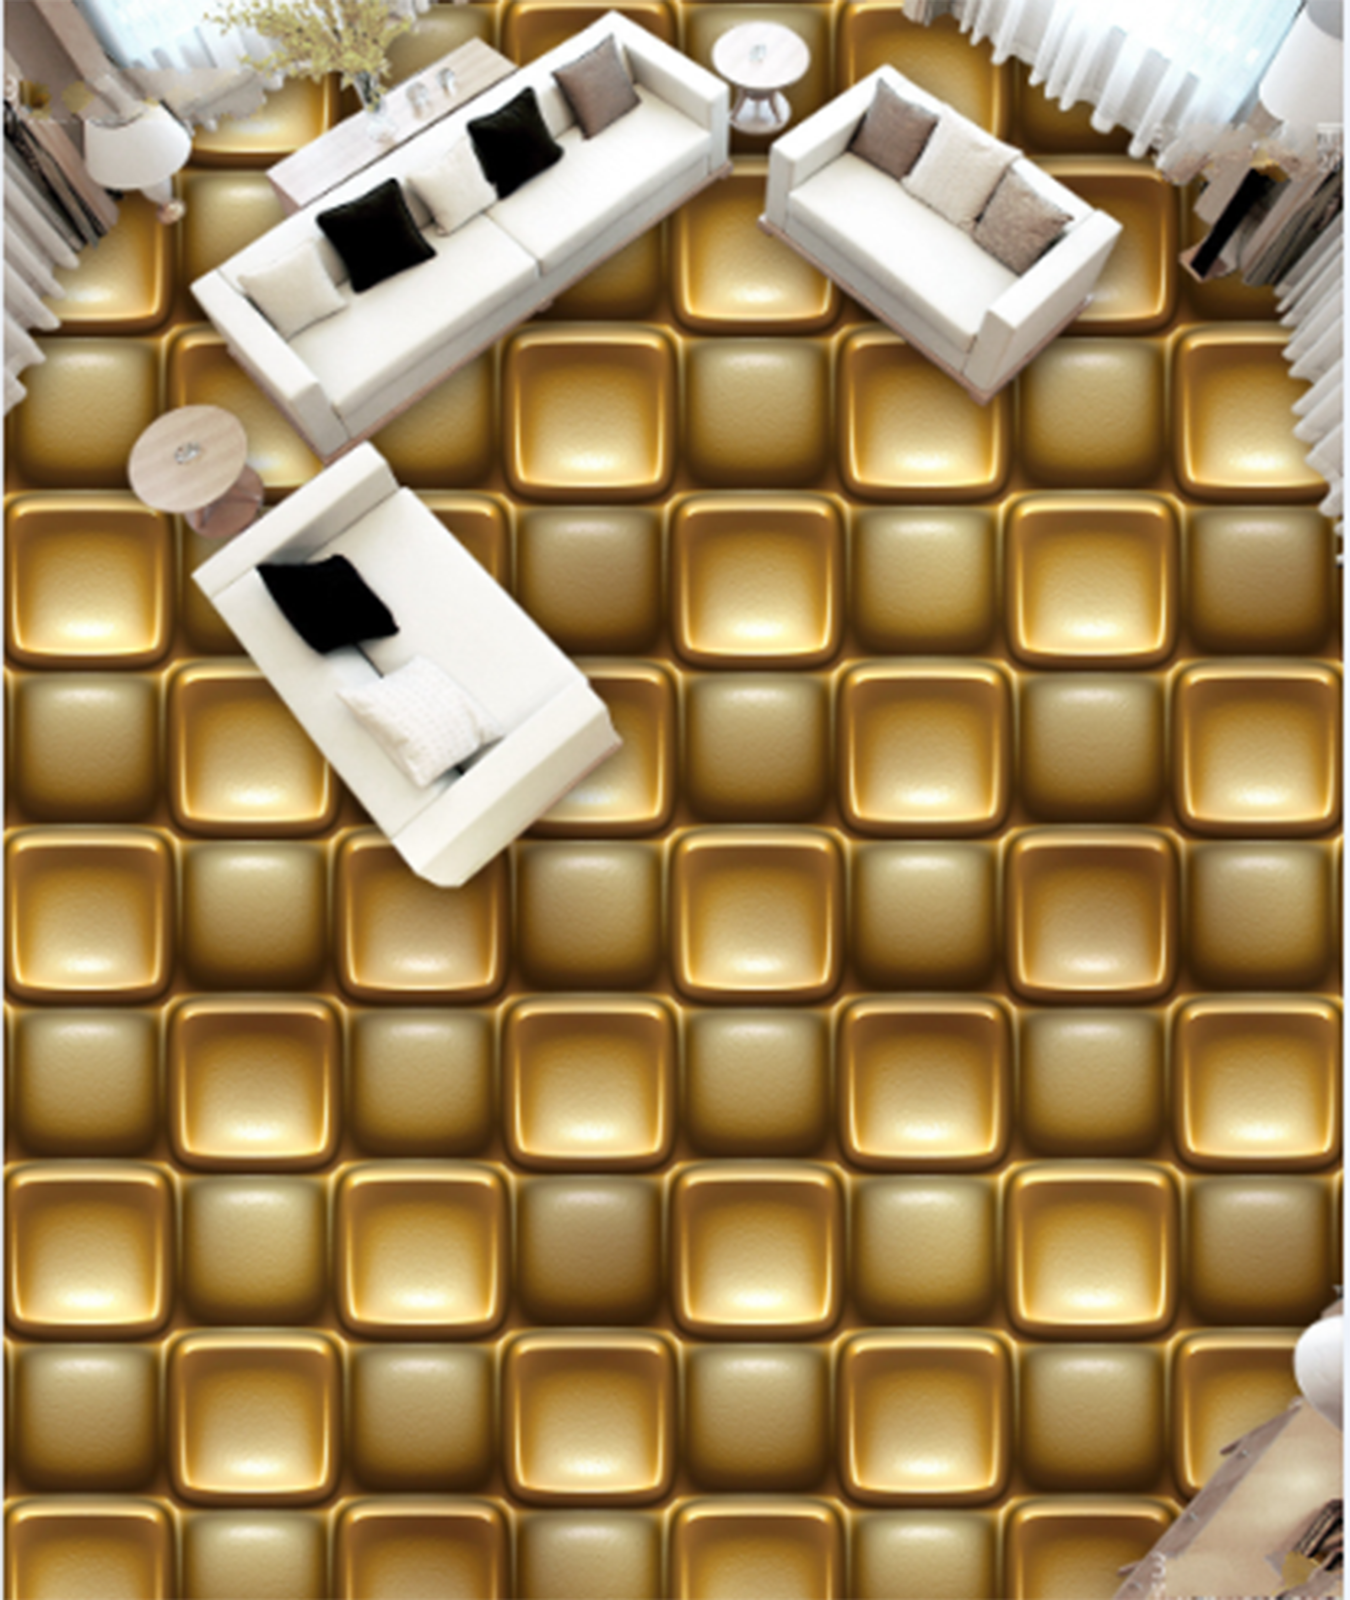 3D Gold Gitter 557 Fototapeten Wandbild Fototapete Tapete Familie DE Lemon